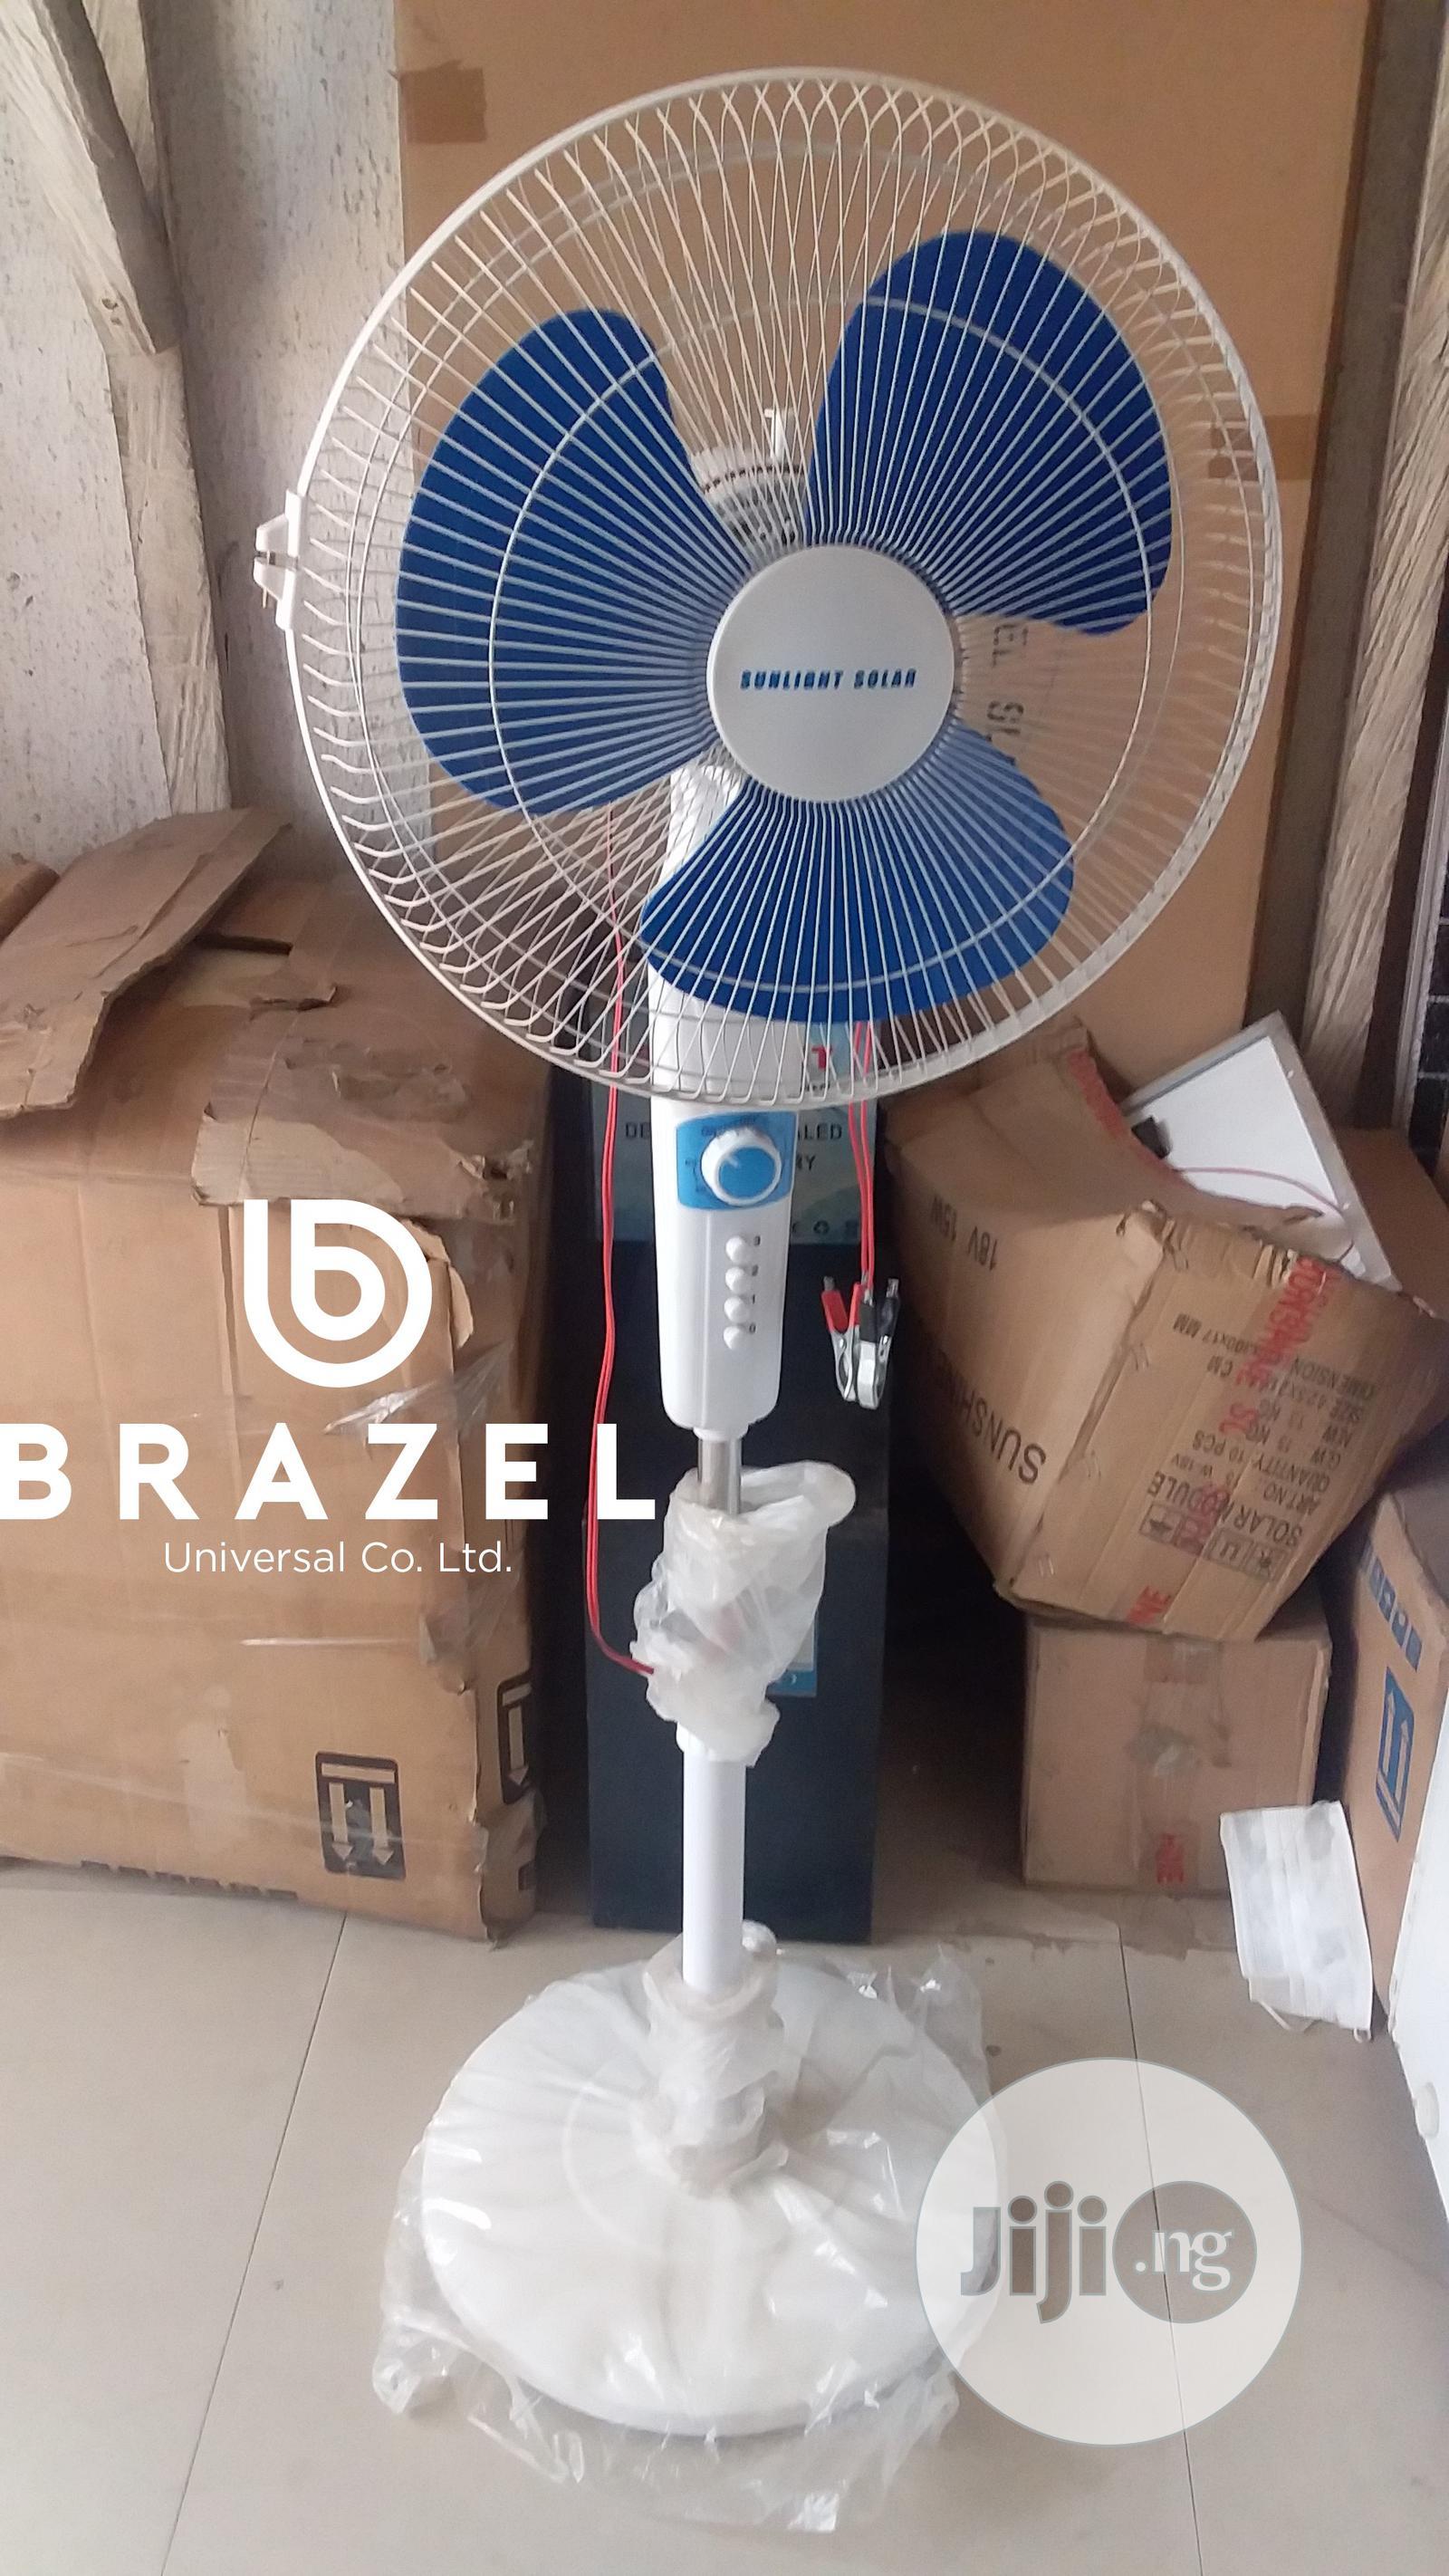 Brazel Sunshine Solar Fan